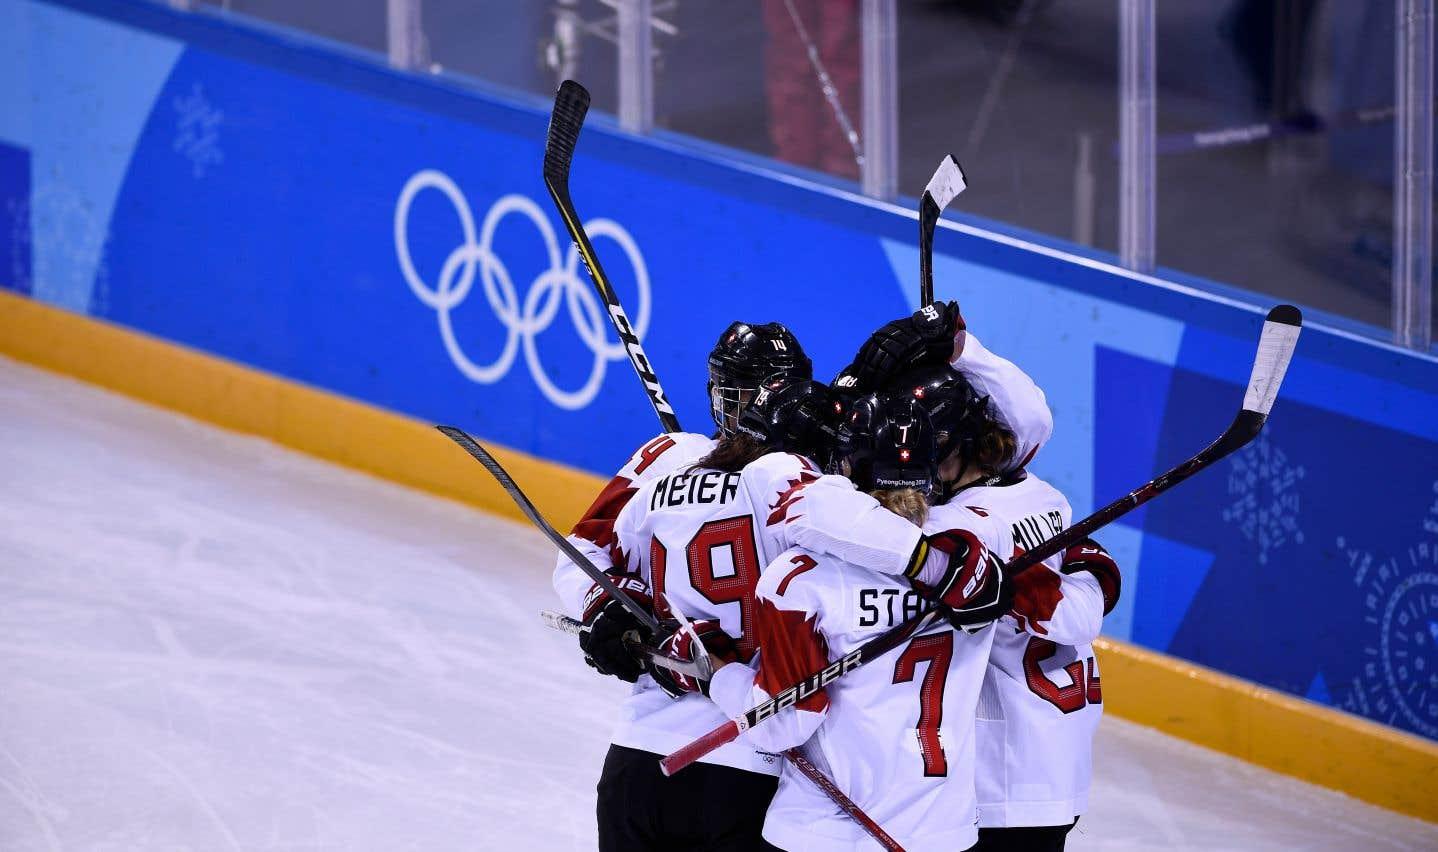 Cette victoire assure à la Suisseun affrontement avec la Finlande ou les Athlètes olympiques de la Russie en quarts de finale, samedi.